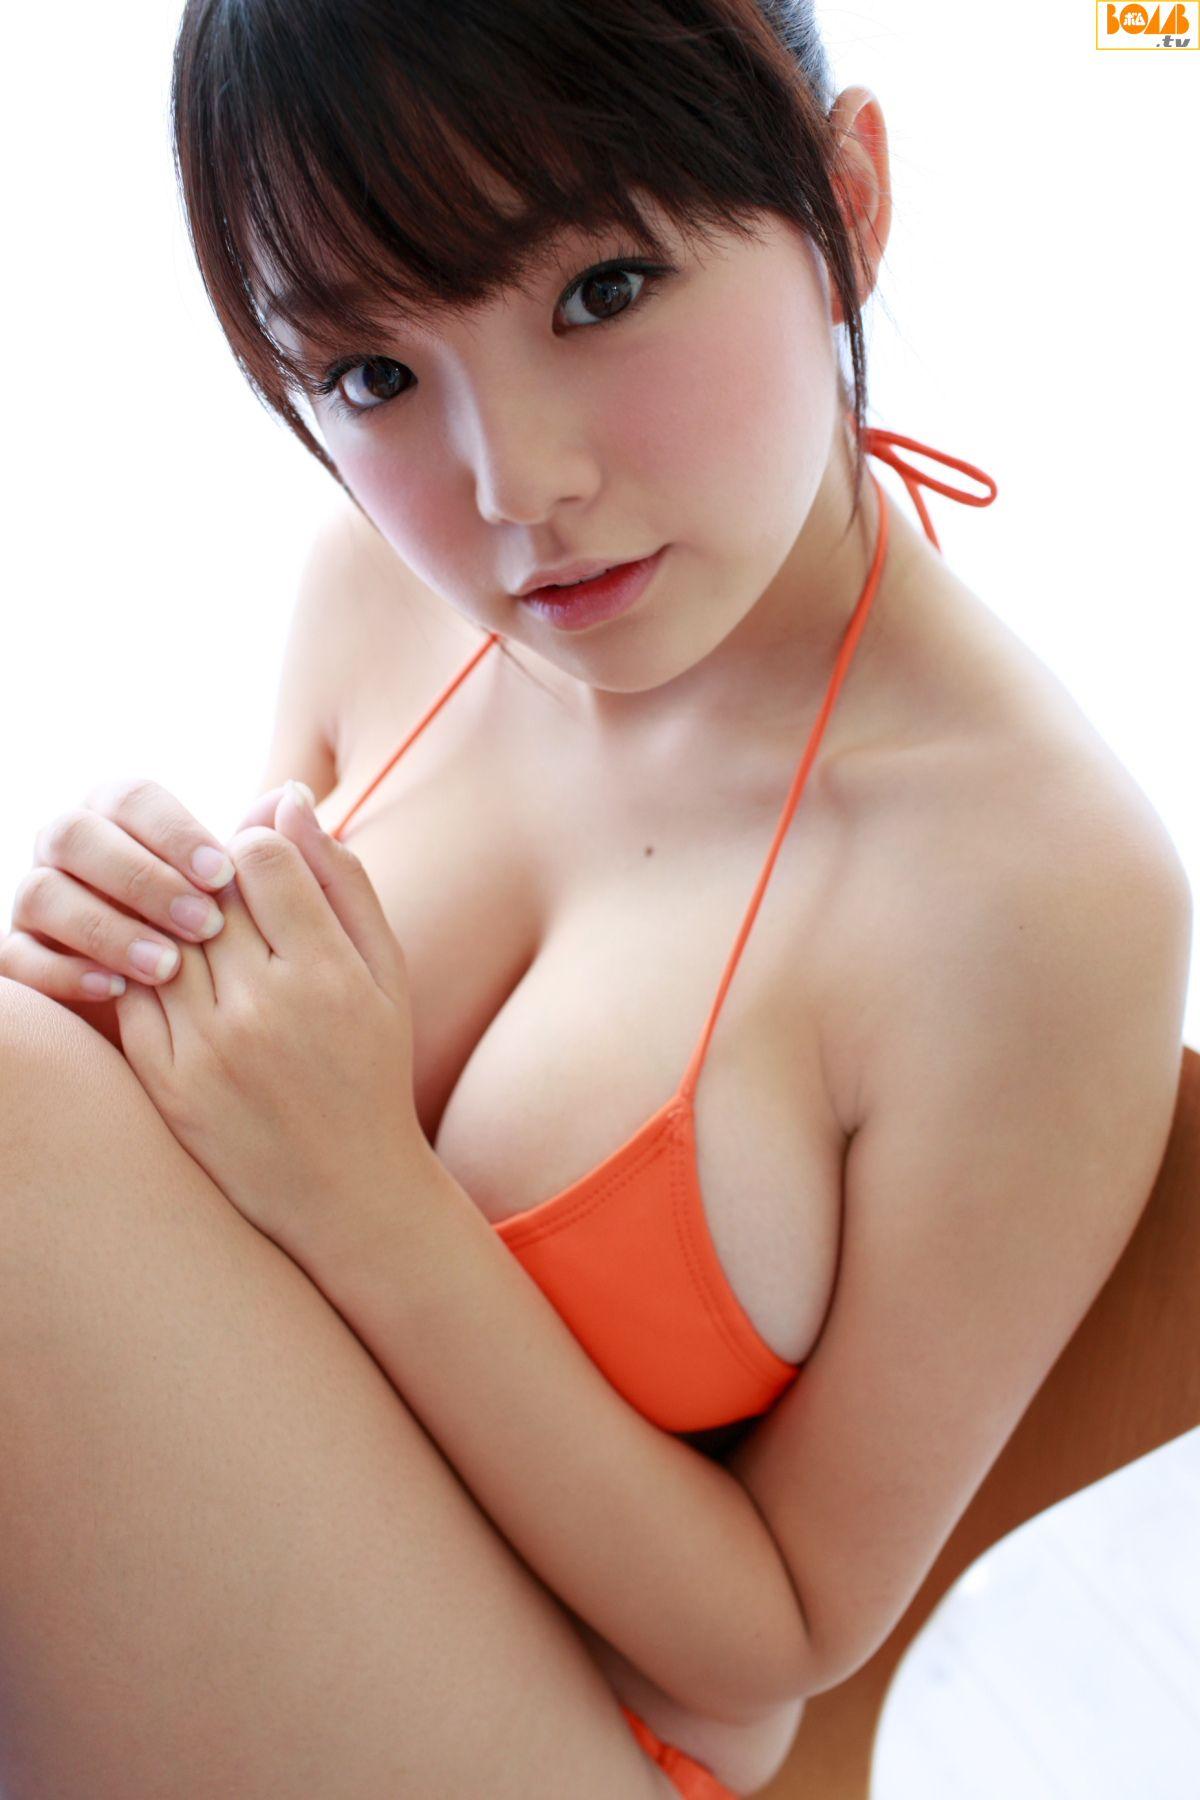 Ai Shinozaki Bugil 篠崎 愛 - ai shinozaki photos